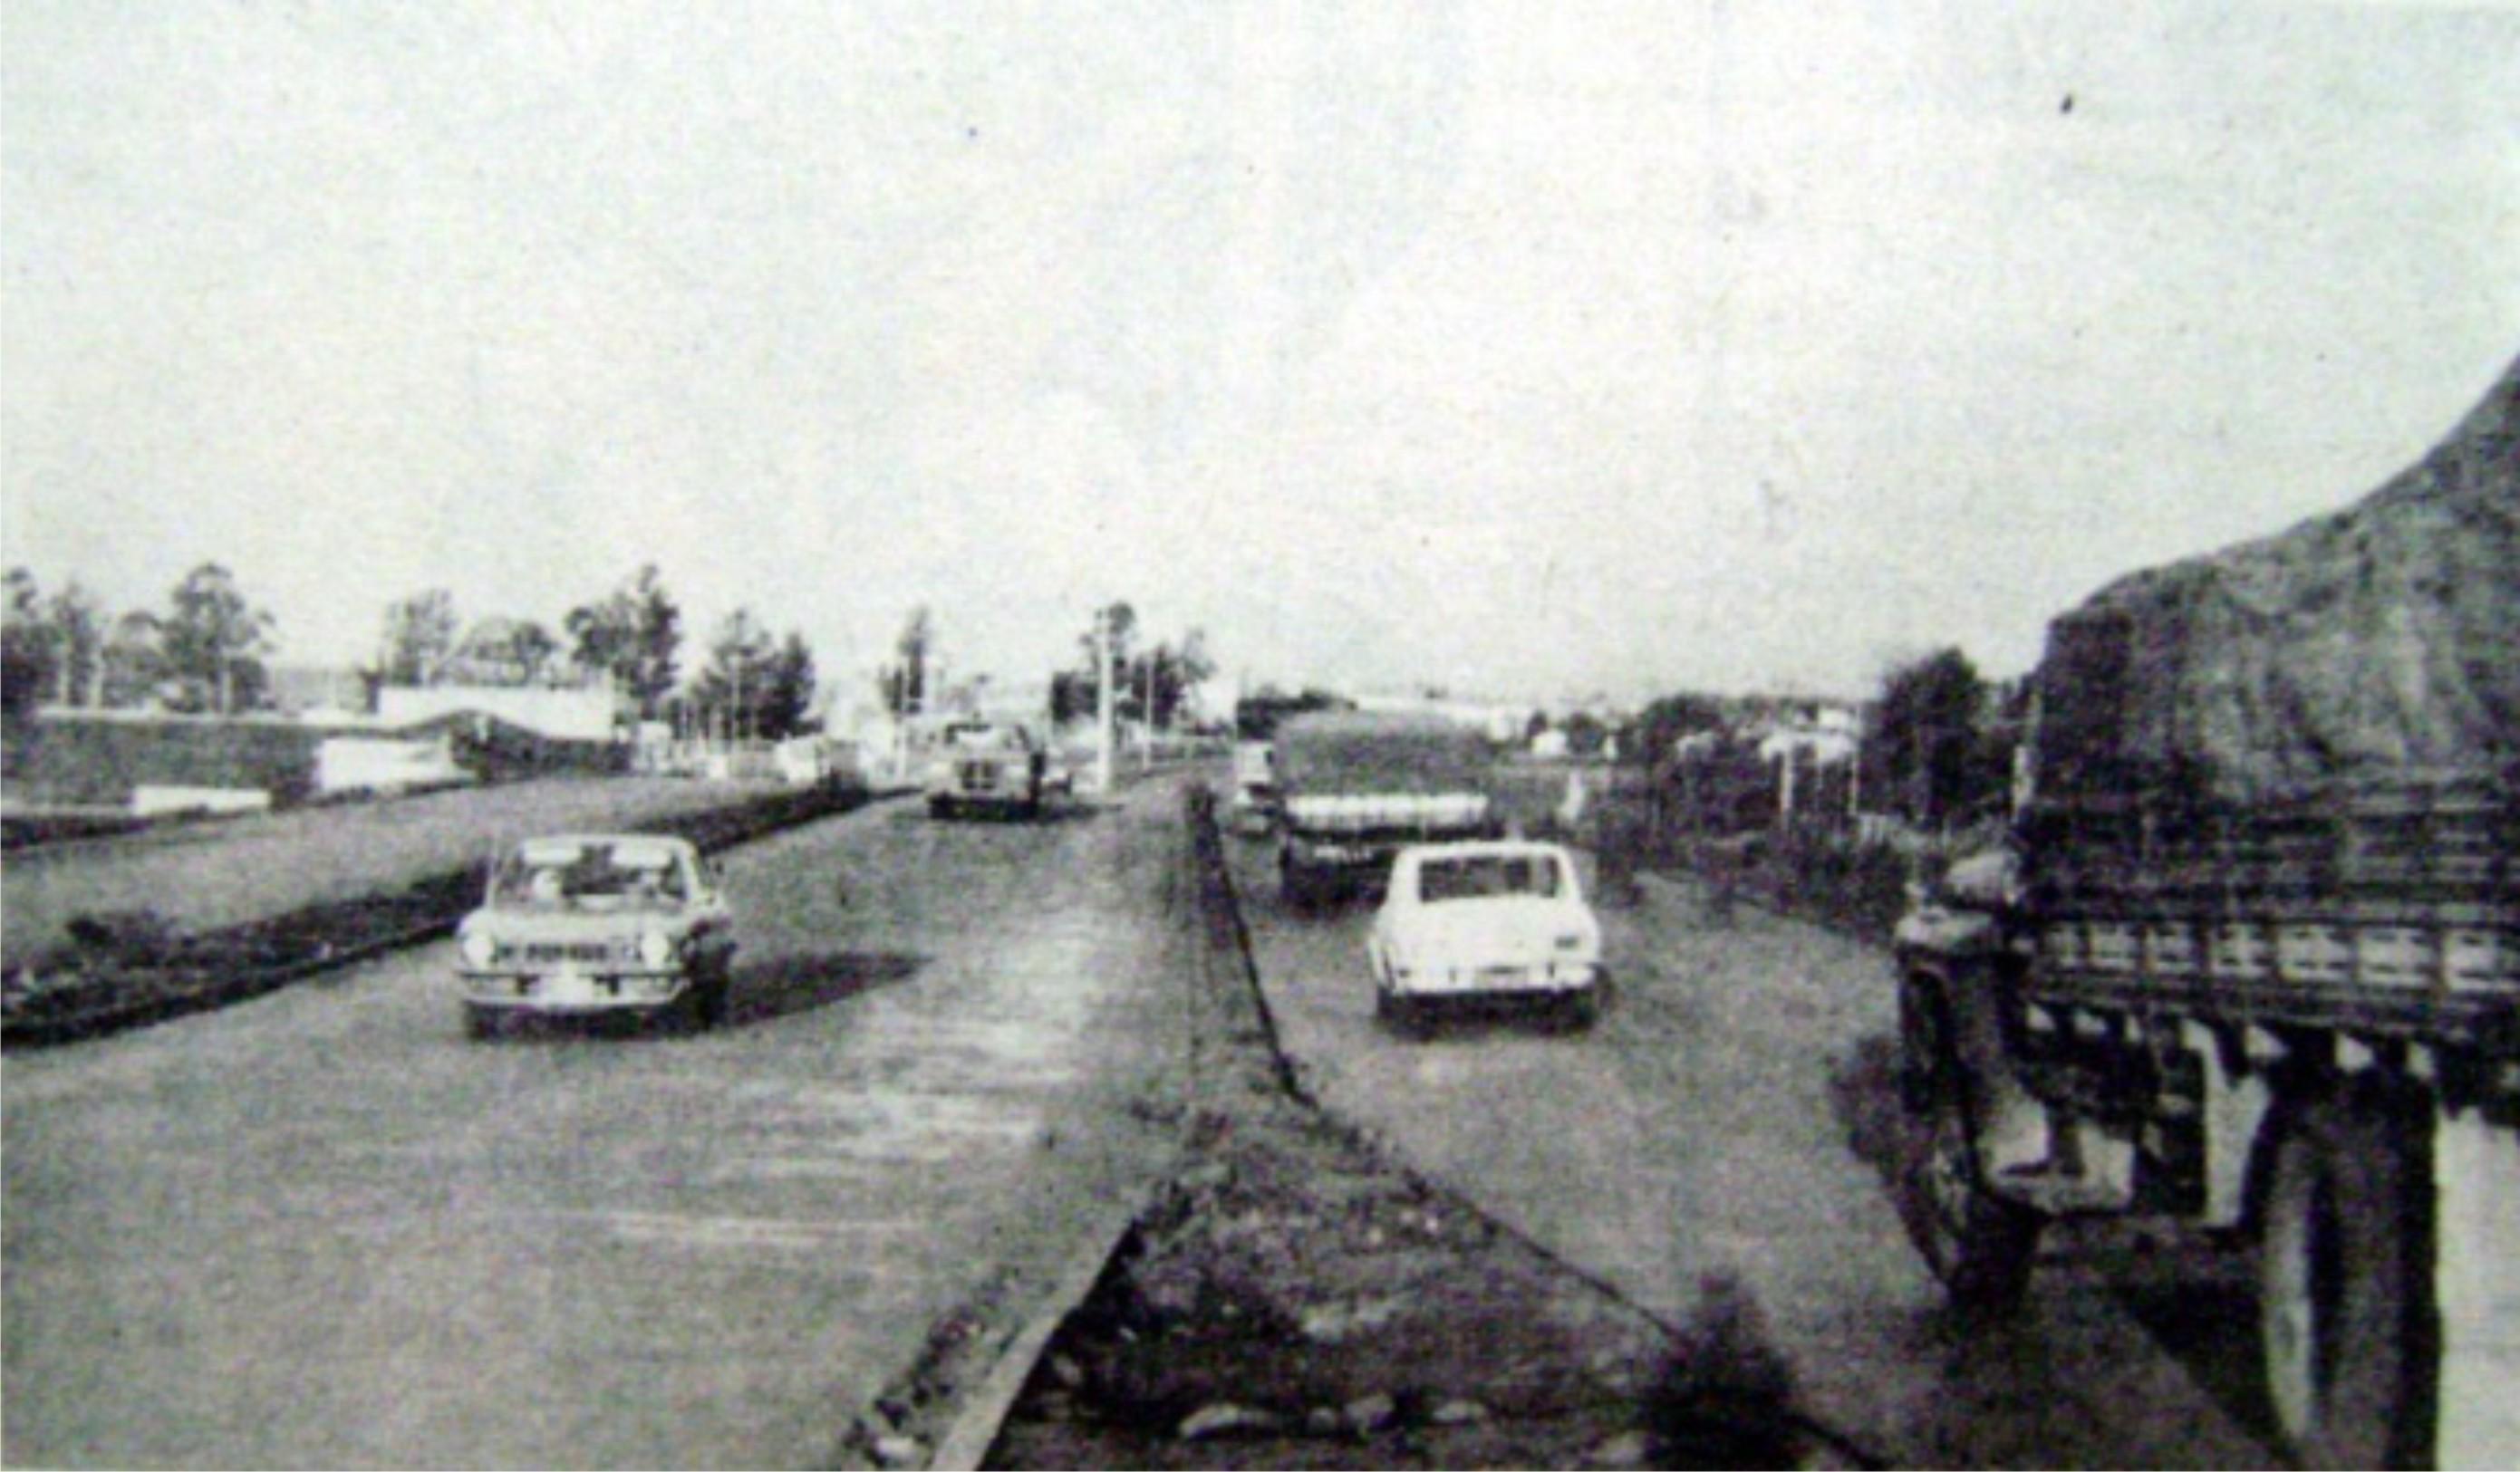 Viaduto da avenida Tuiuti - 1976